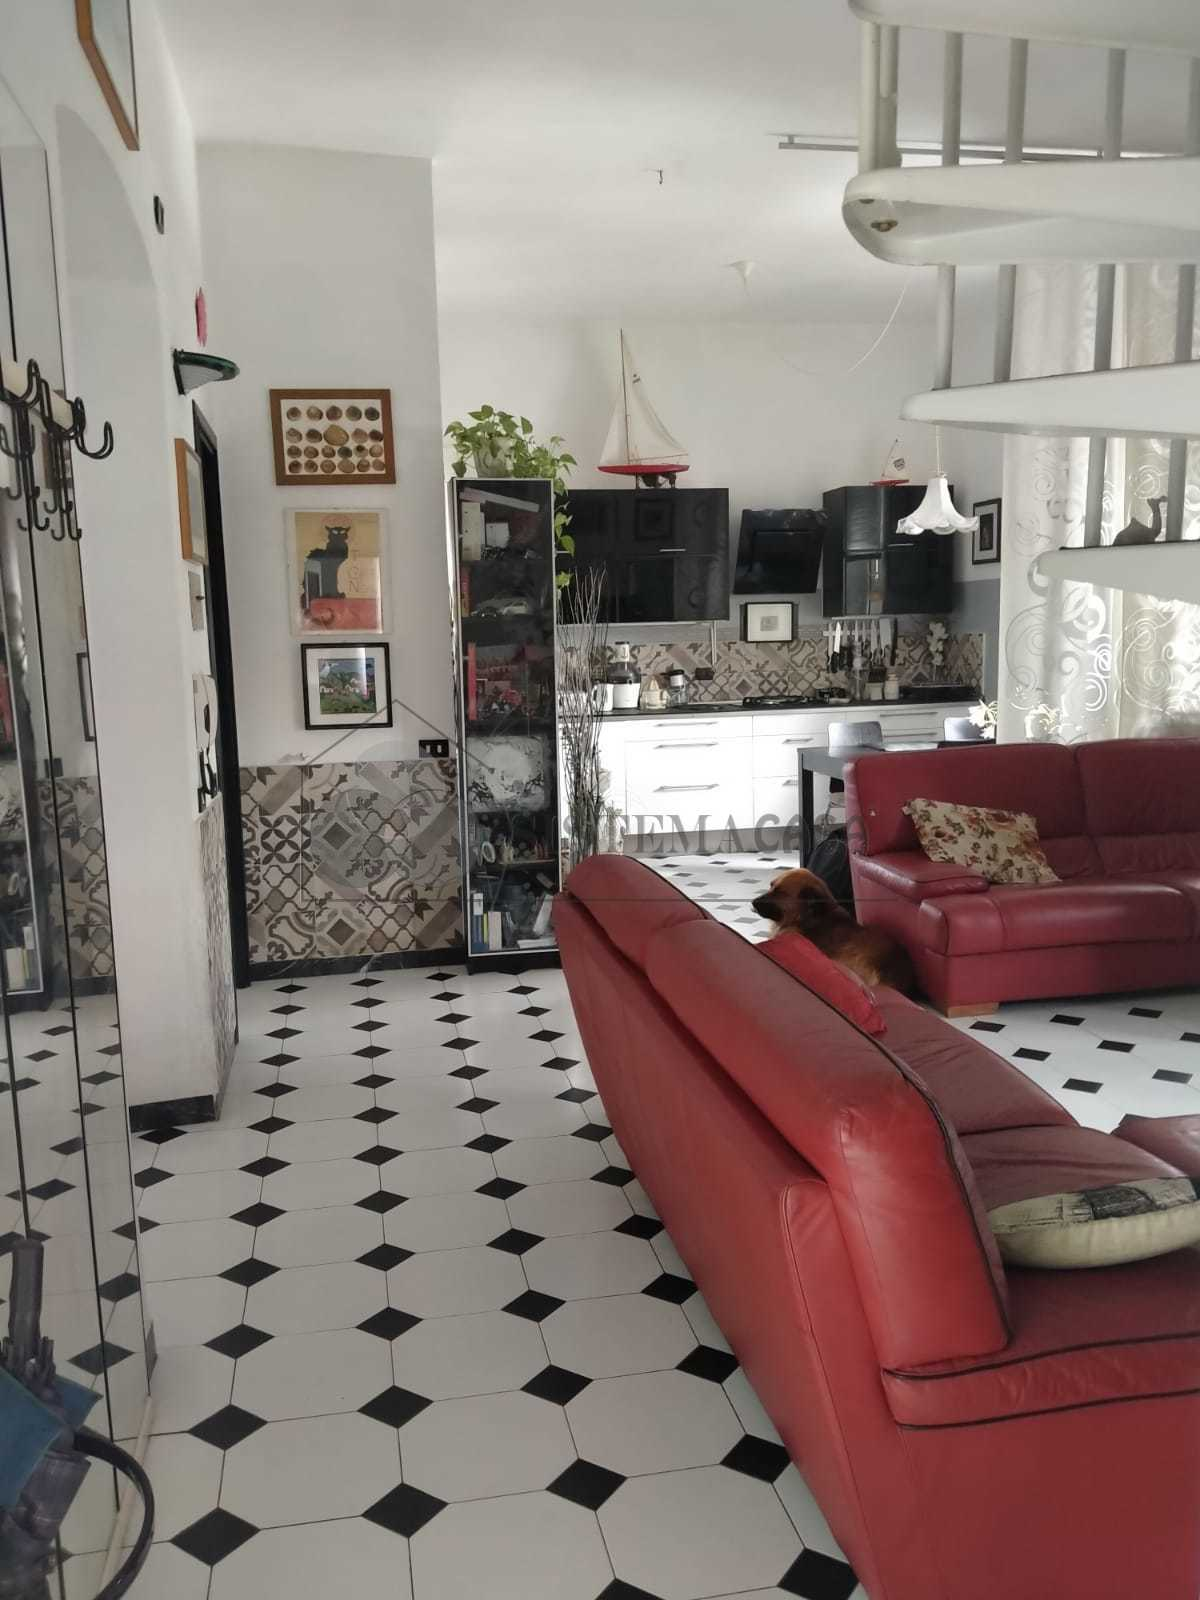 Vendita Appartamento Quadrilocale a La Spezia, Canaletto (SP) - A394